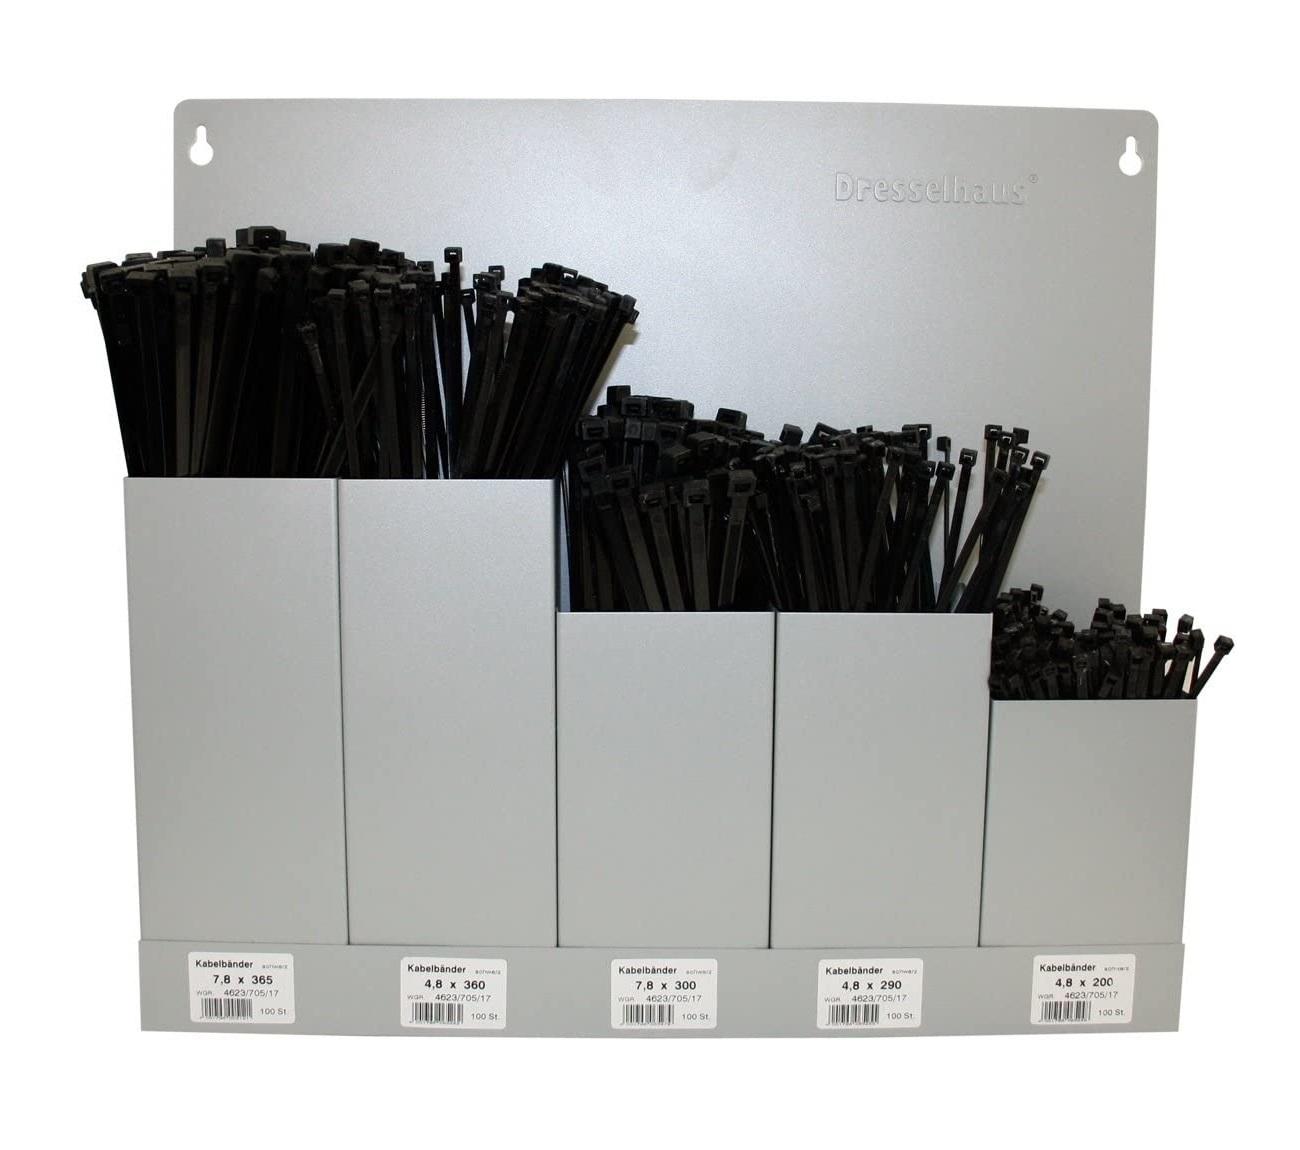 Stahovací pásky 4,8x200-7,8x365 mm, sada 500 ks v držáku